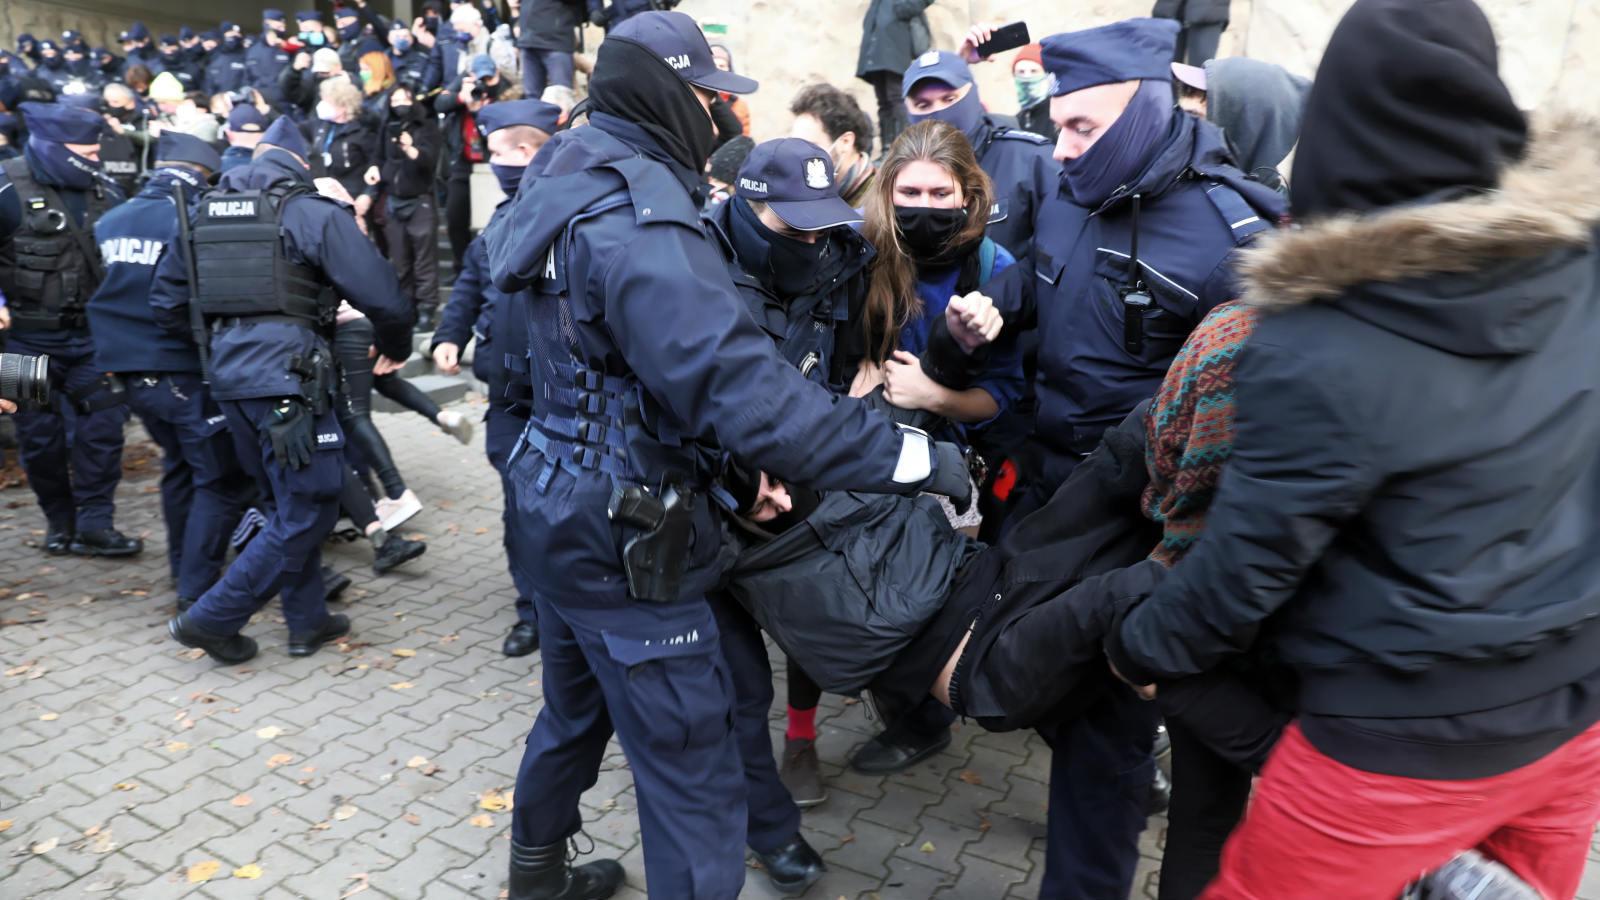 Tajniacy na strajku kobiet. Nieumundurowany policjant użył gazu wobec posłanki